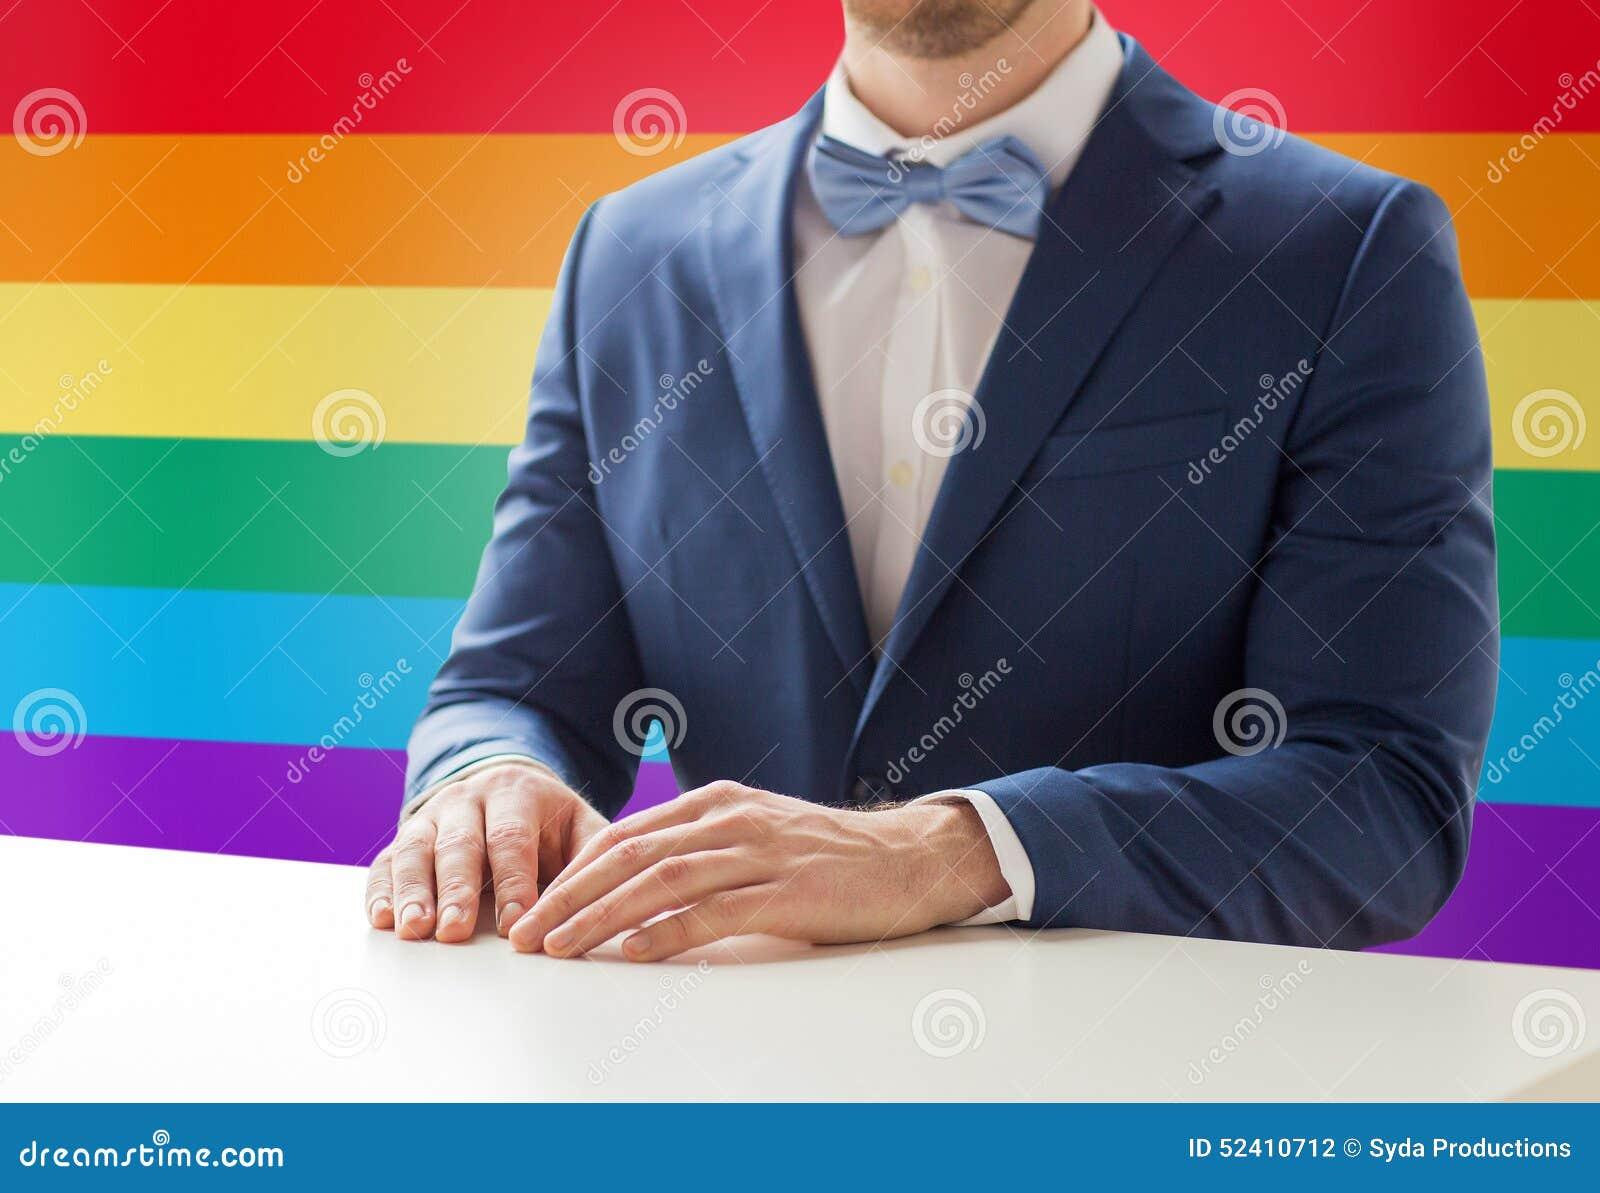 Gay men in suit tie having sex